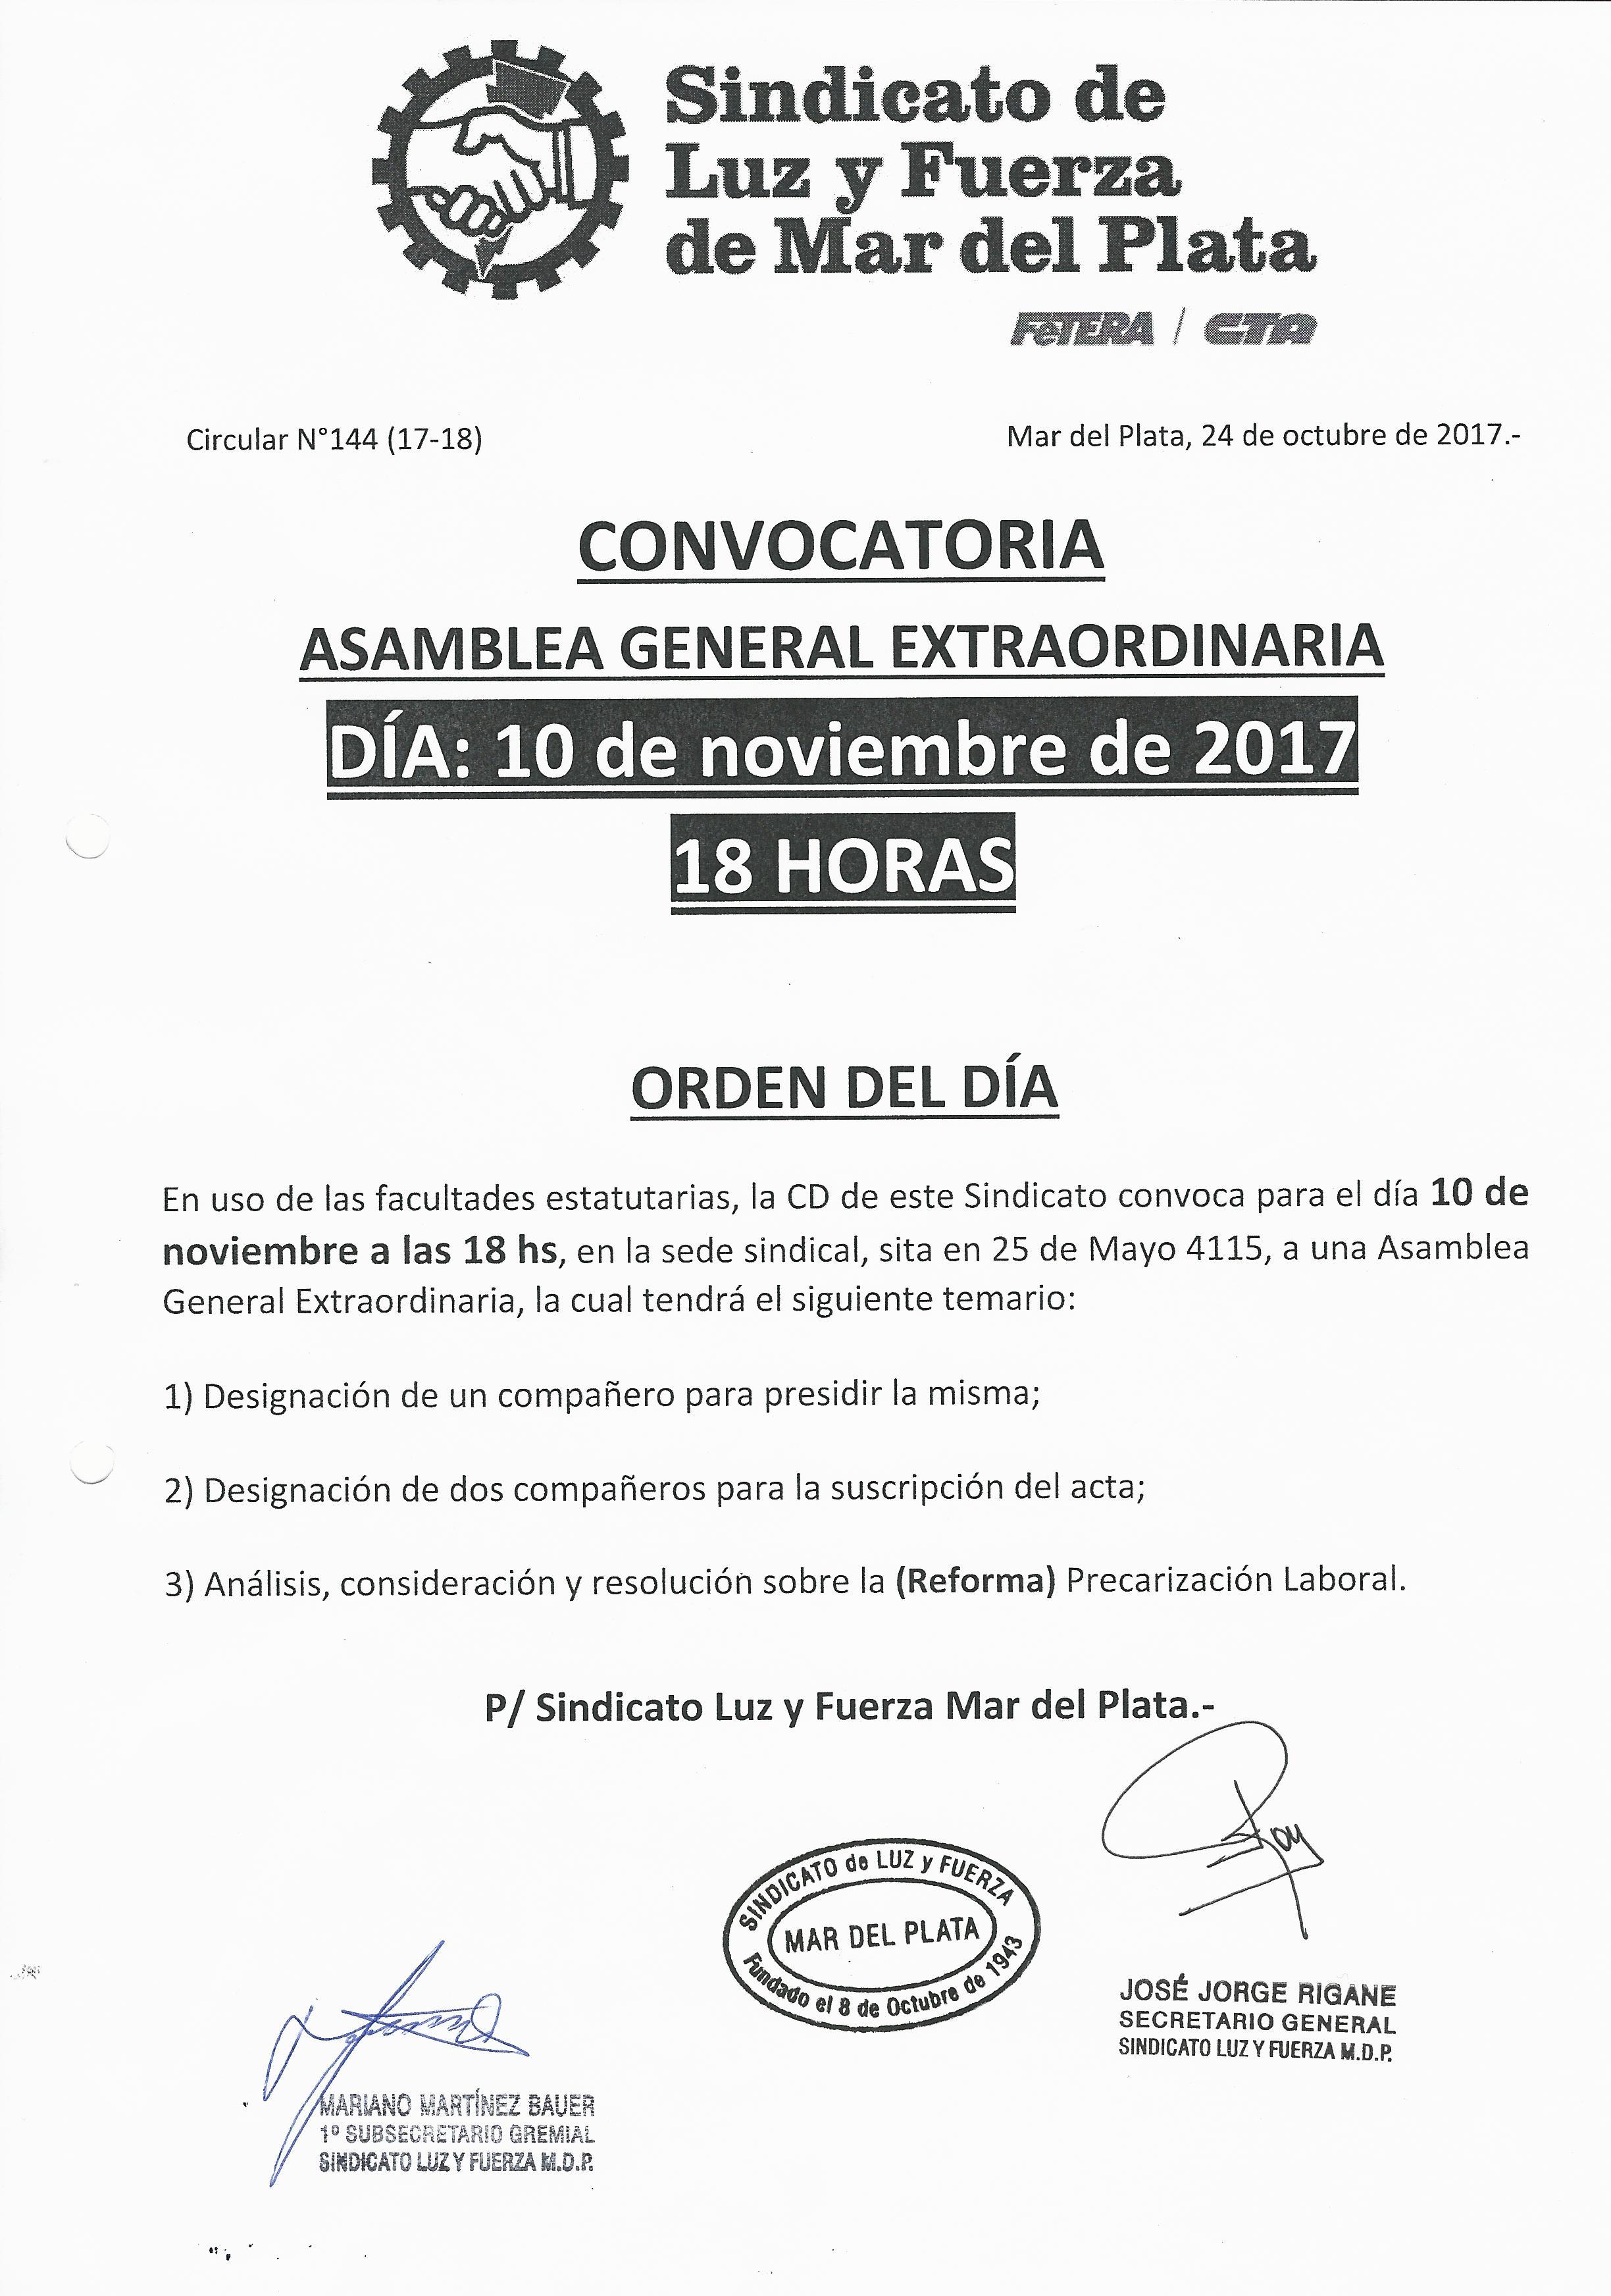 CONVOCATORIA A.G.E 10-11-2017